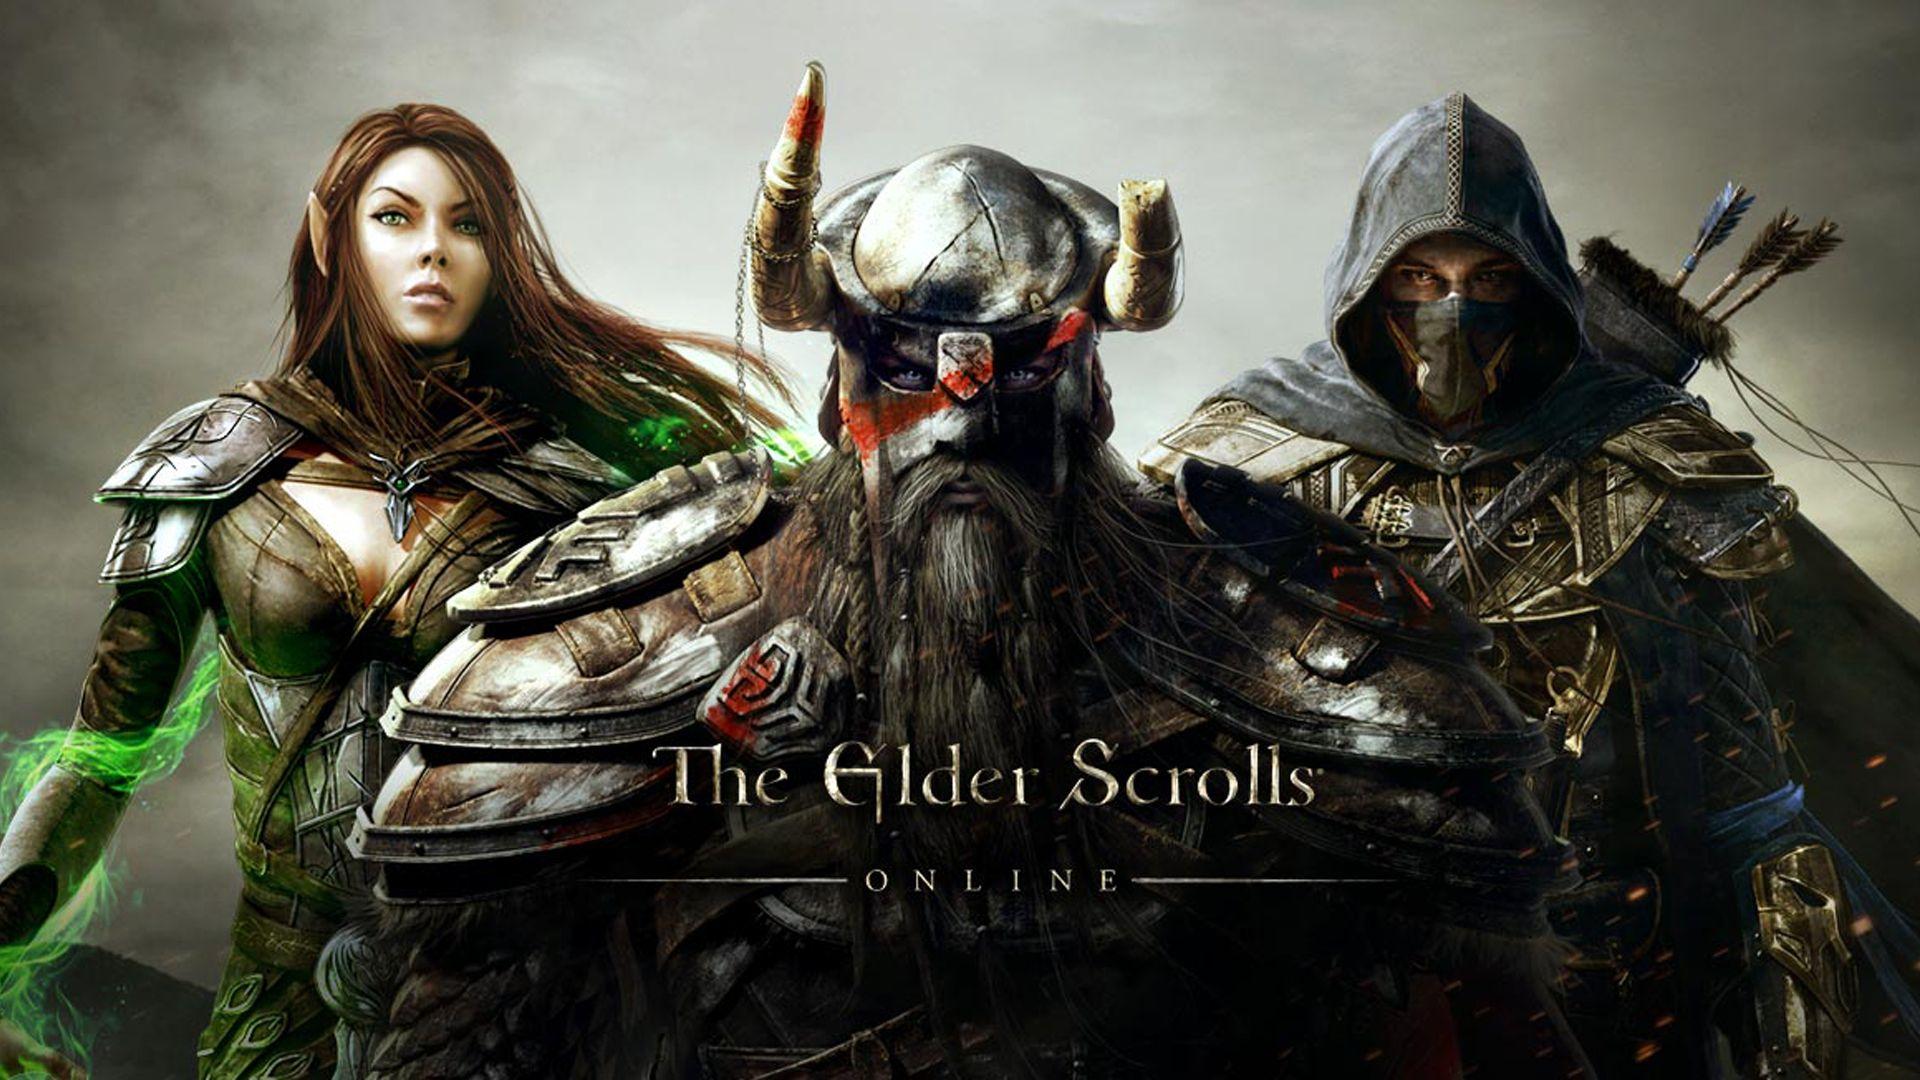 Elder scrolls online official release date in Sydney